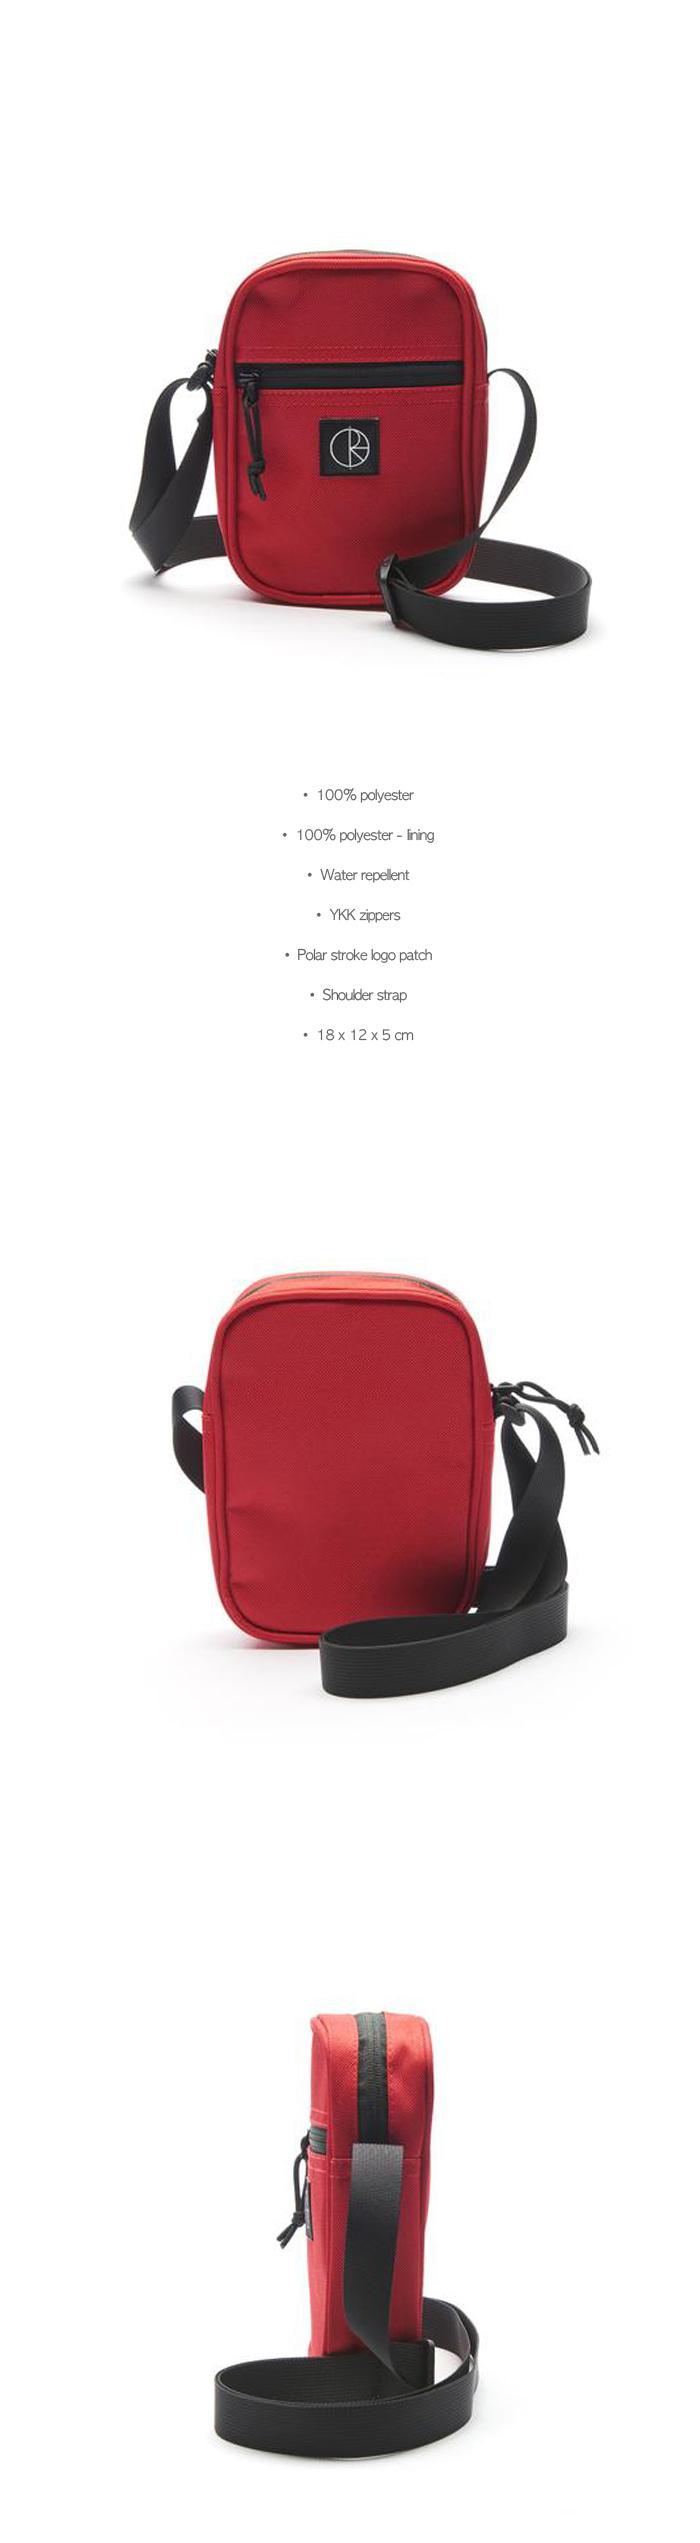 폴라(POLAR) Cordura Mini Dealer Bag - Red